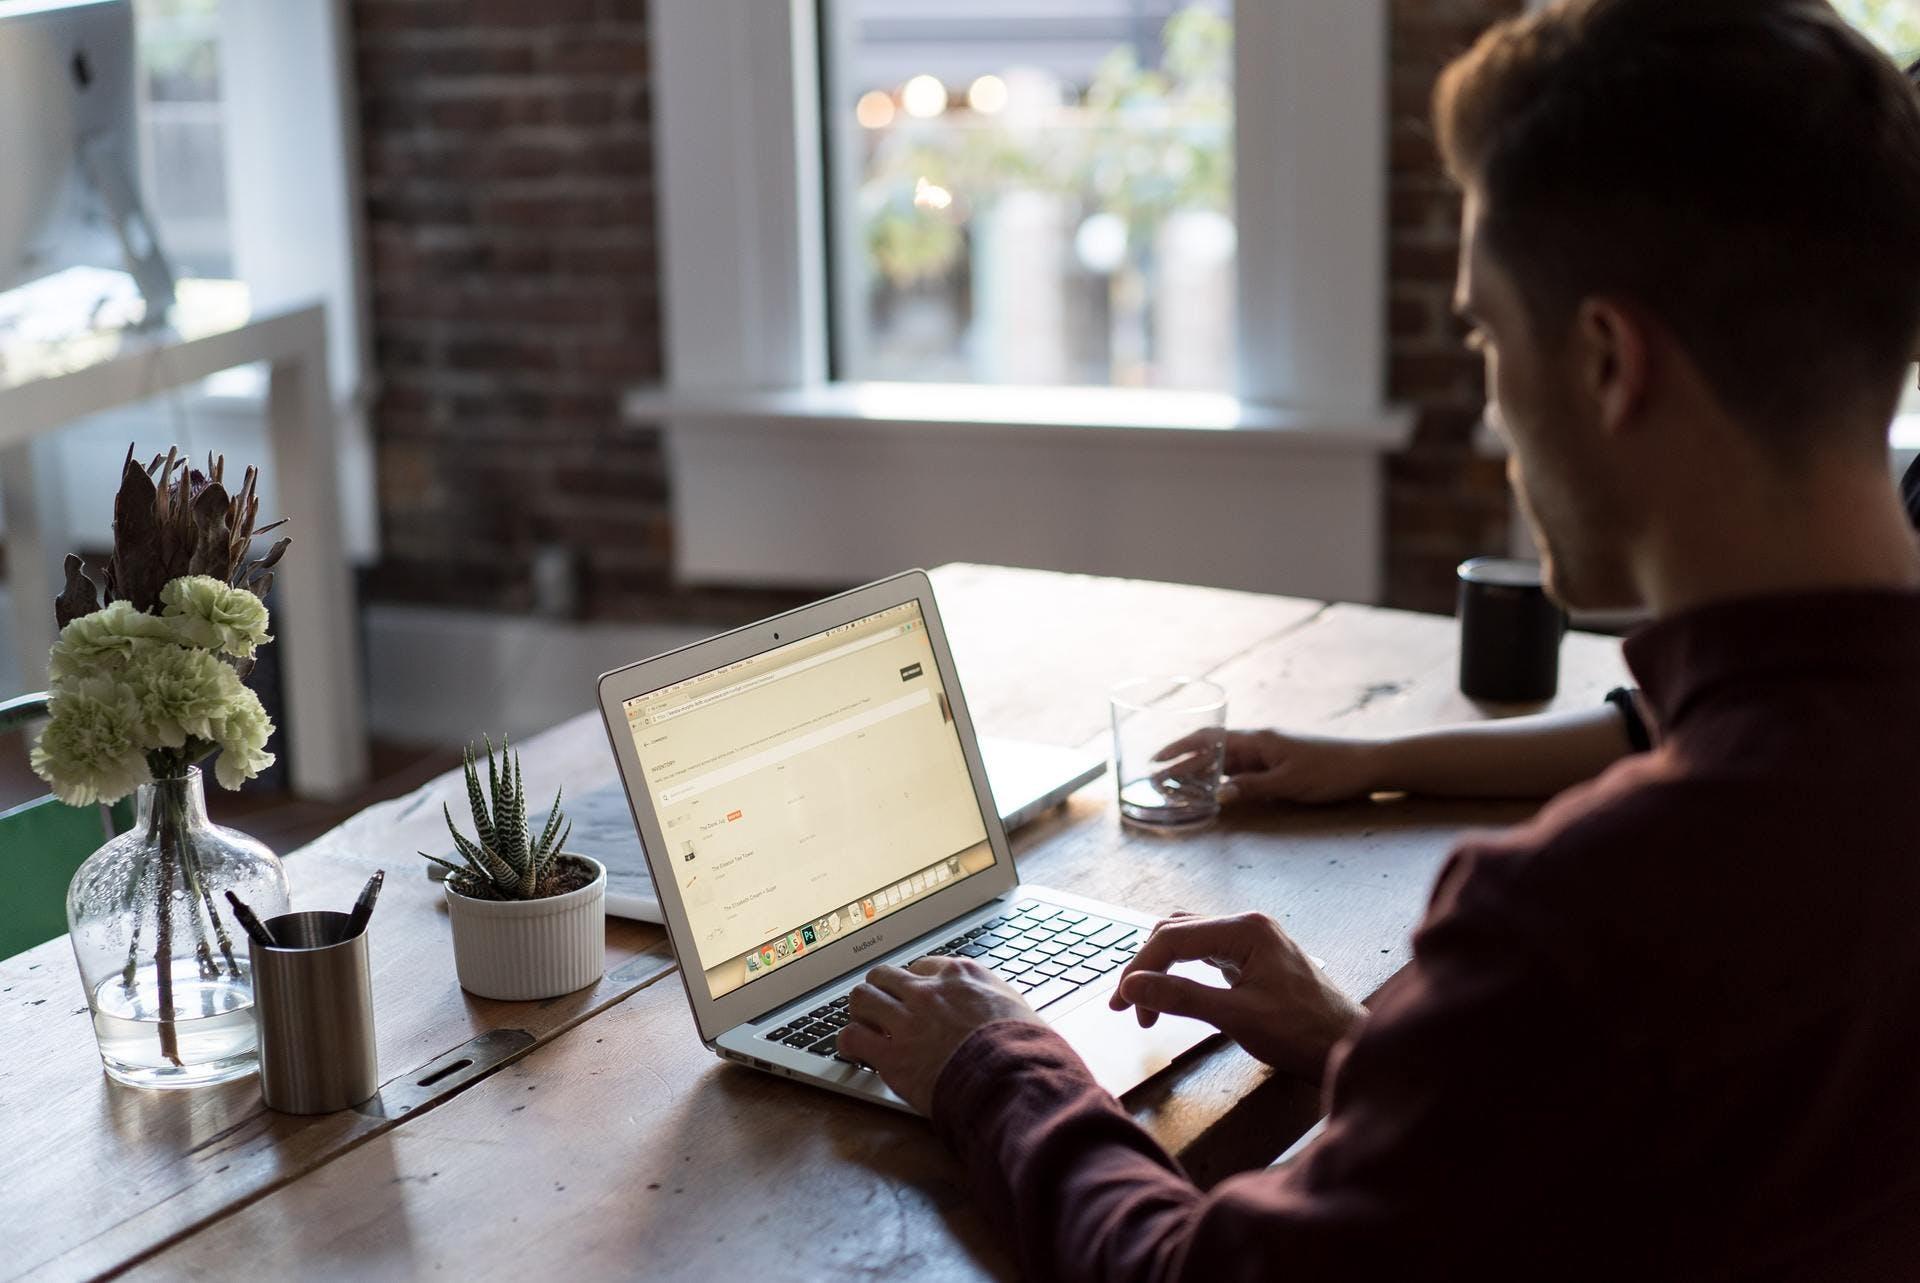 Equipes dispersées. Comment gérer les nouveaux modes de travail ?